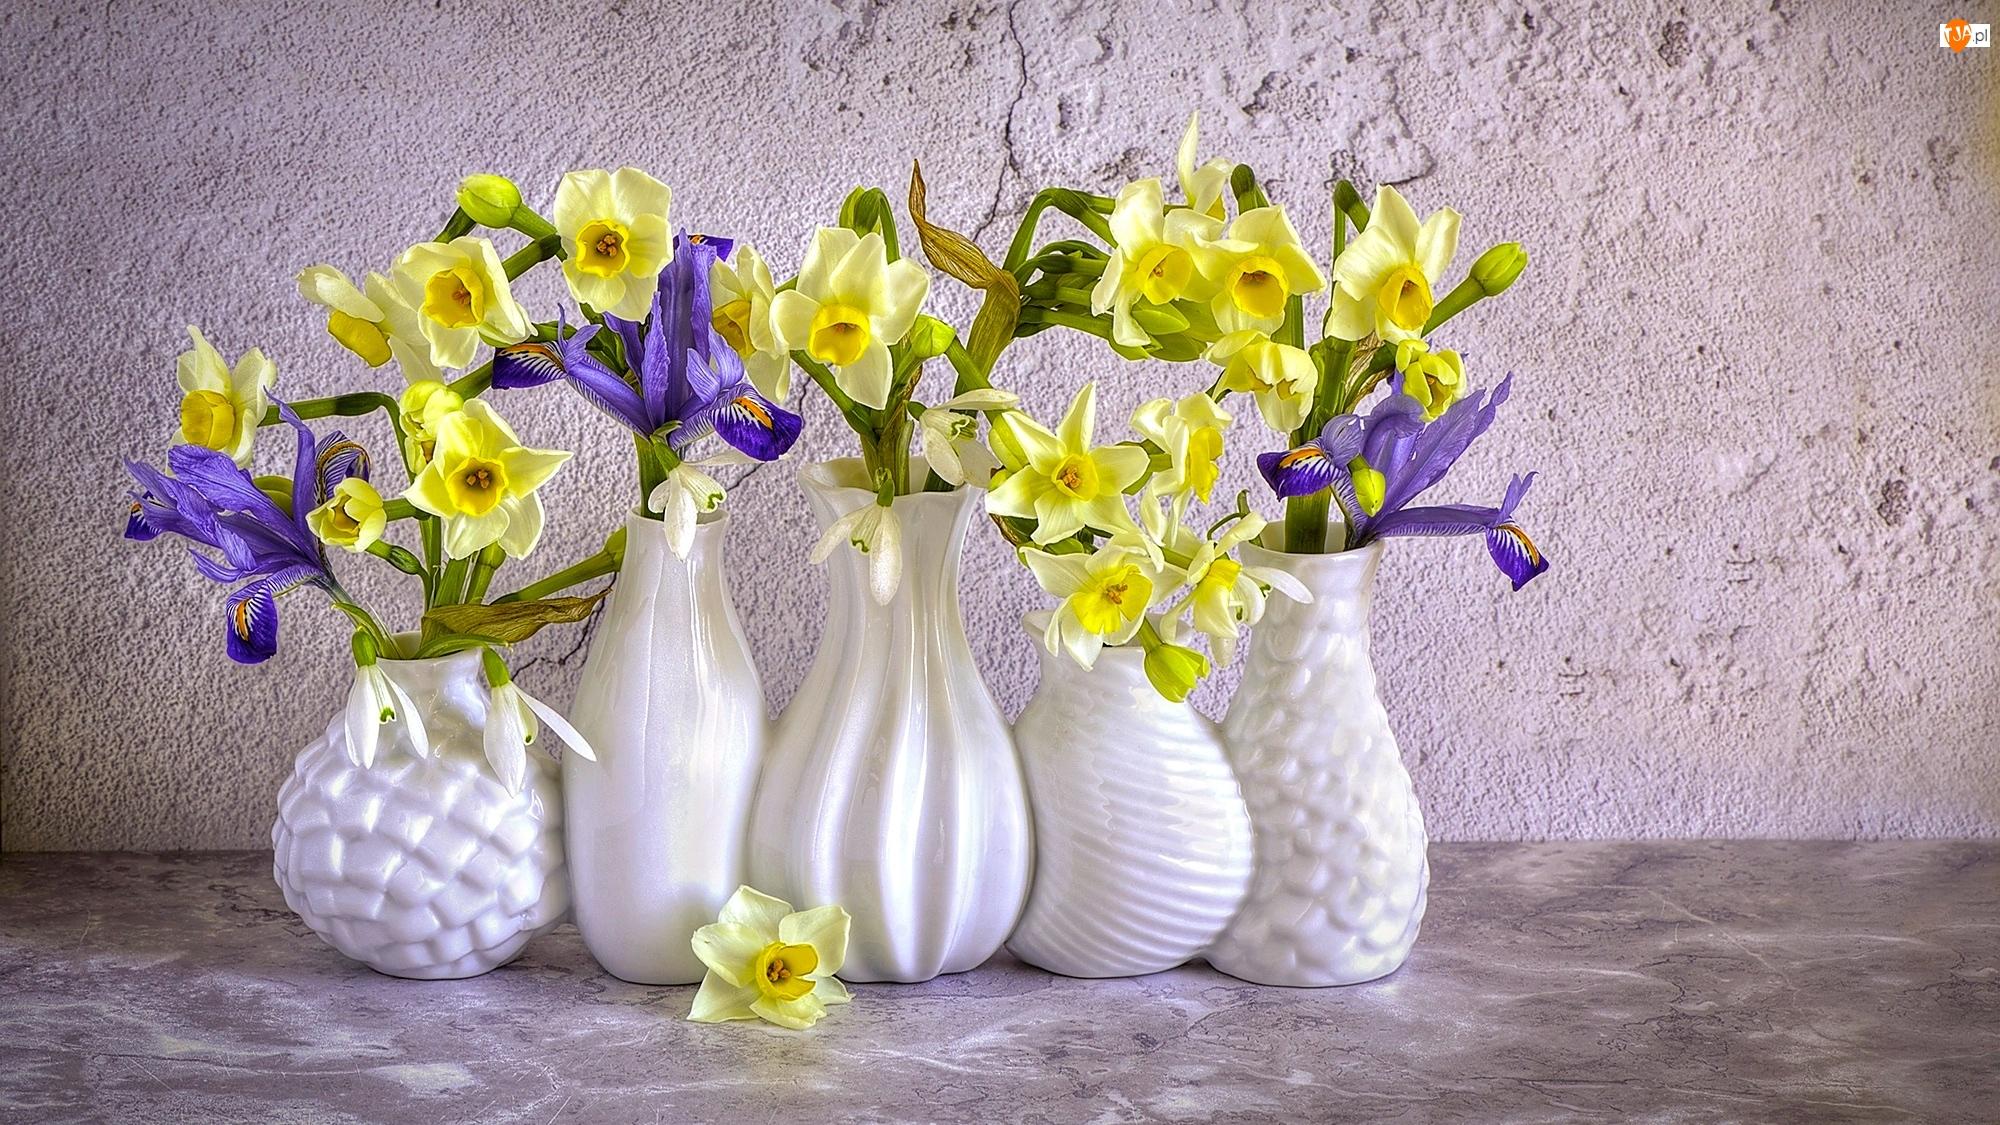 Irysy, Wazony, Narcyzy żonkile, Kwiaty, Białe